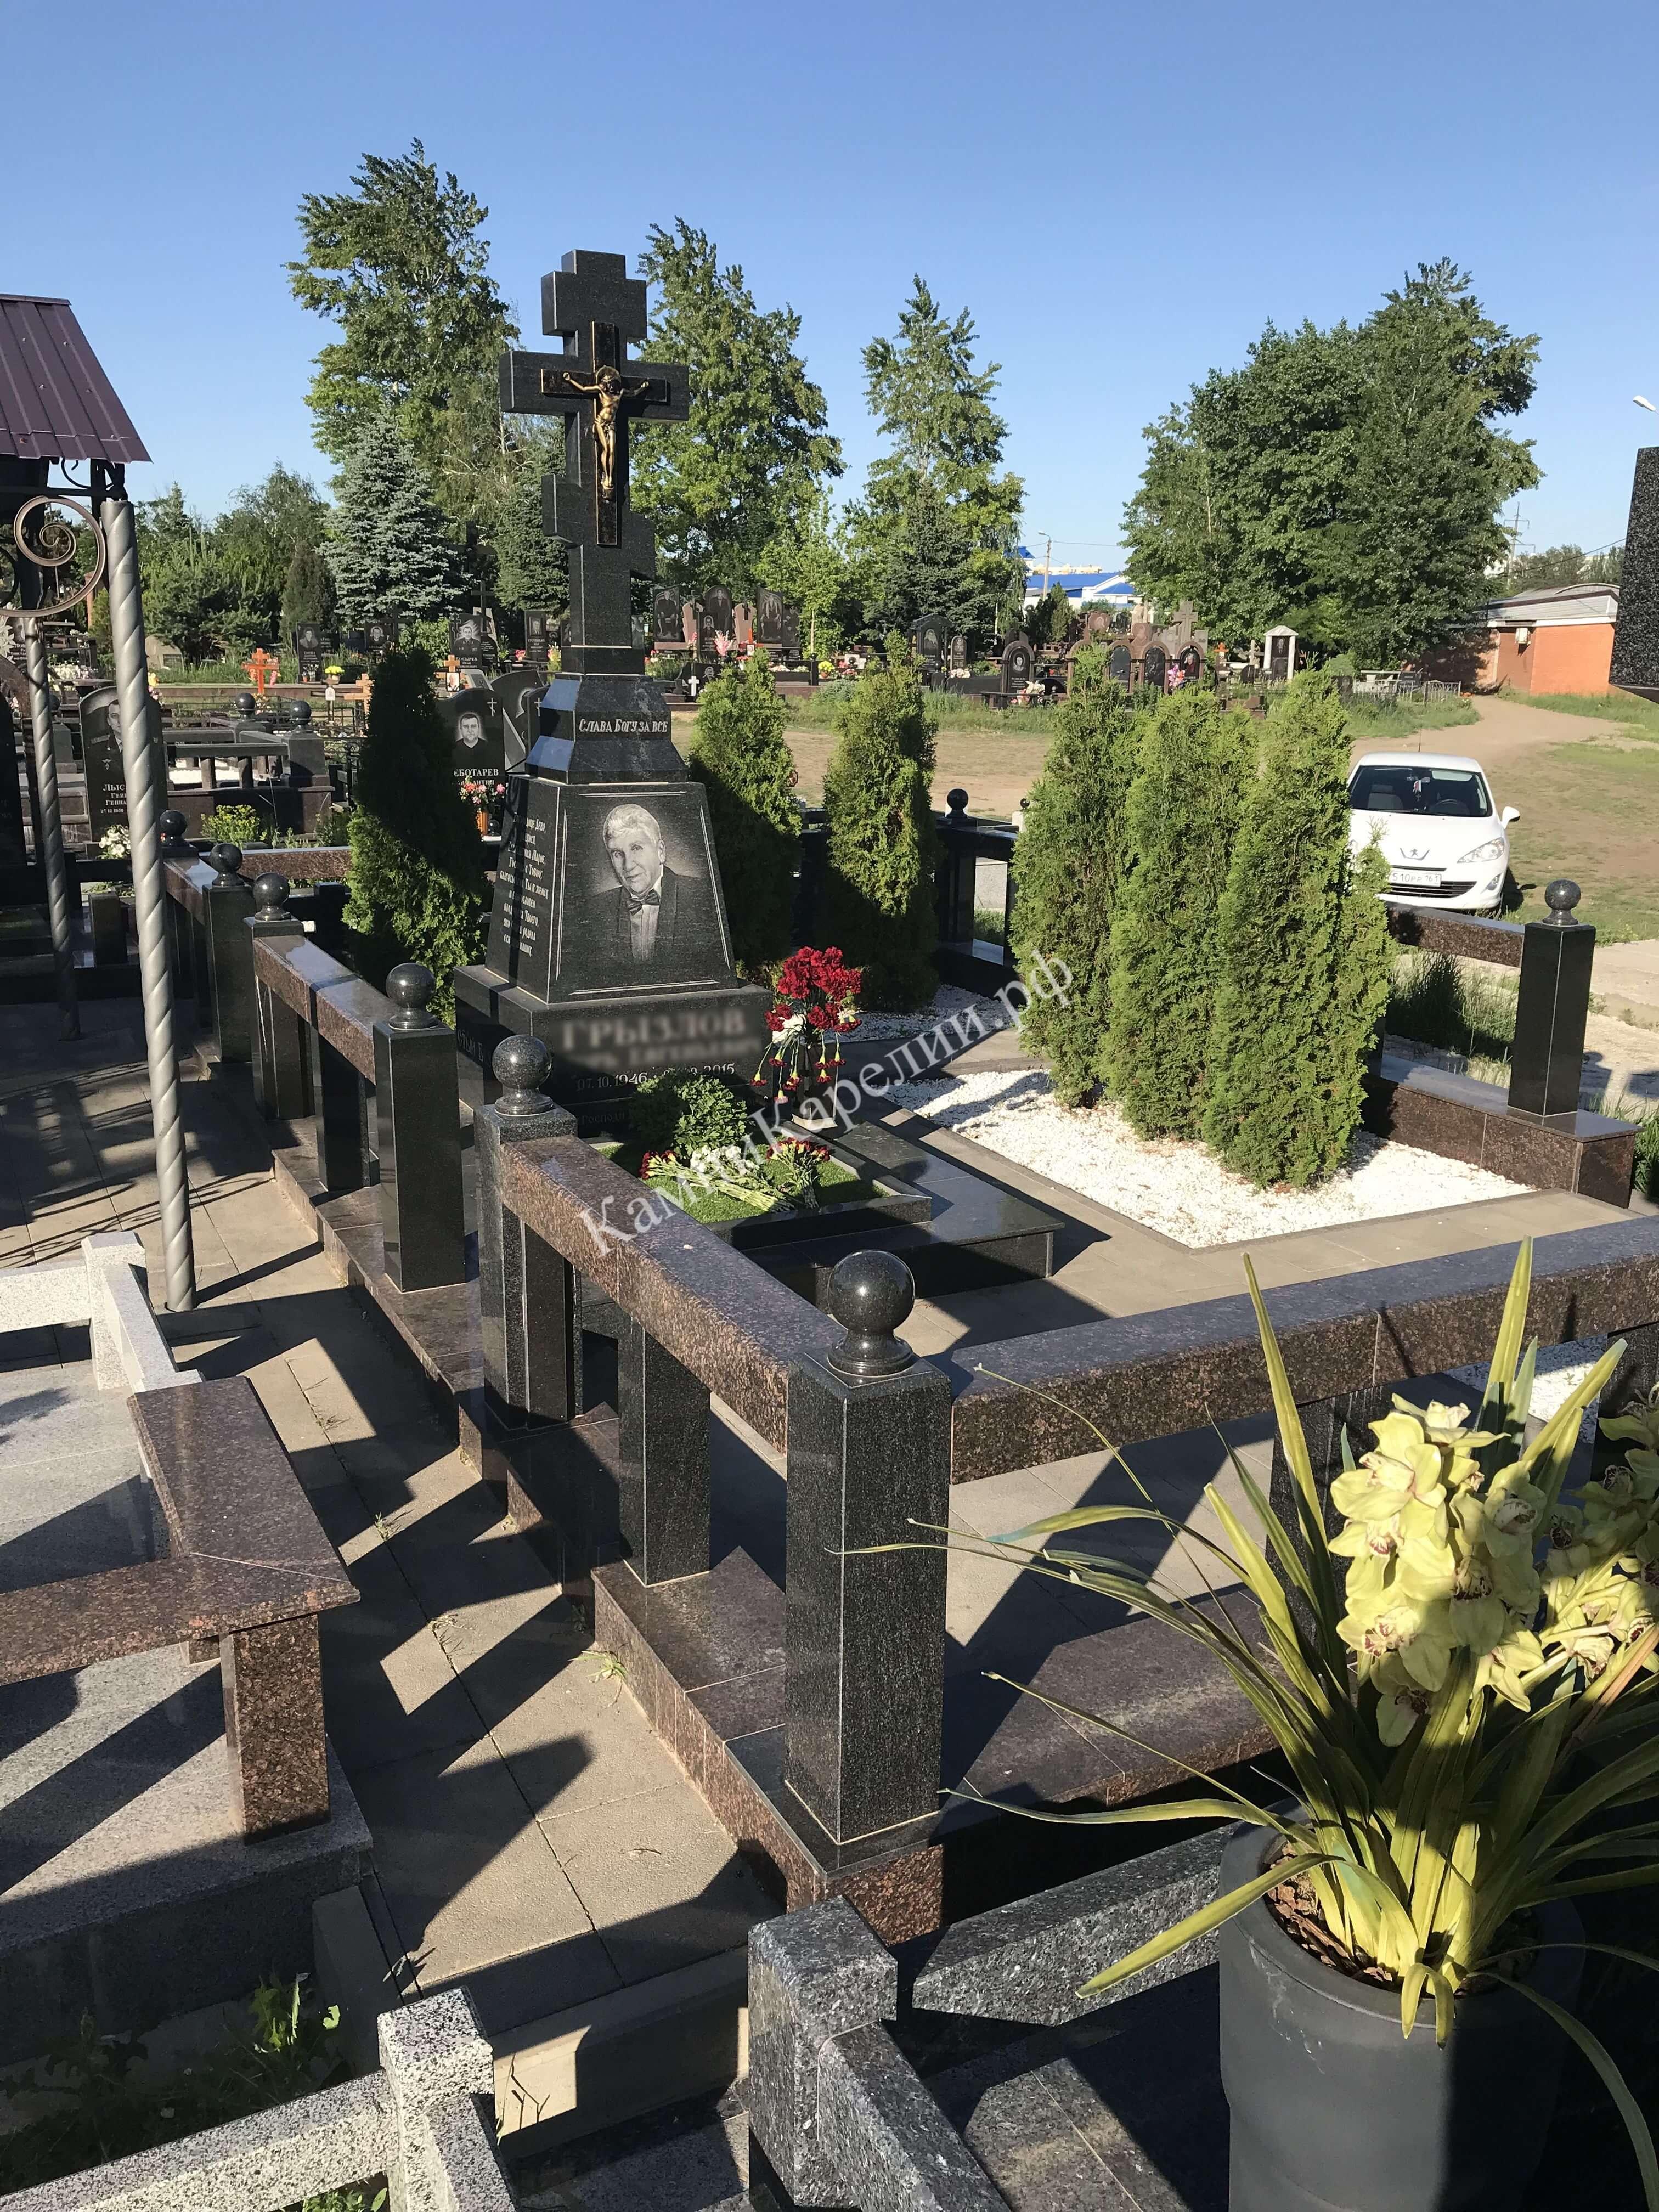 Одиночный гранитный вертикальный памятник стоит на площадке с отделкой из габбро-диабаза, являющегося основой композиции. Основной камень и надгробная плита комбинированы с Лезниковским гранитом.